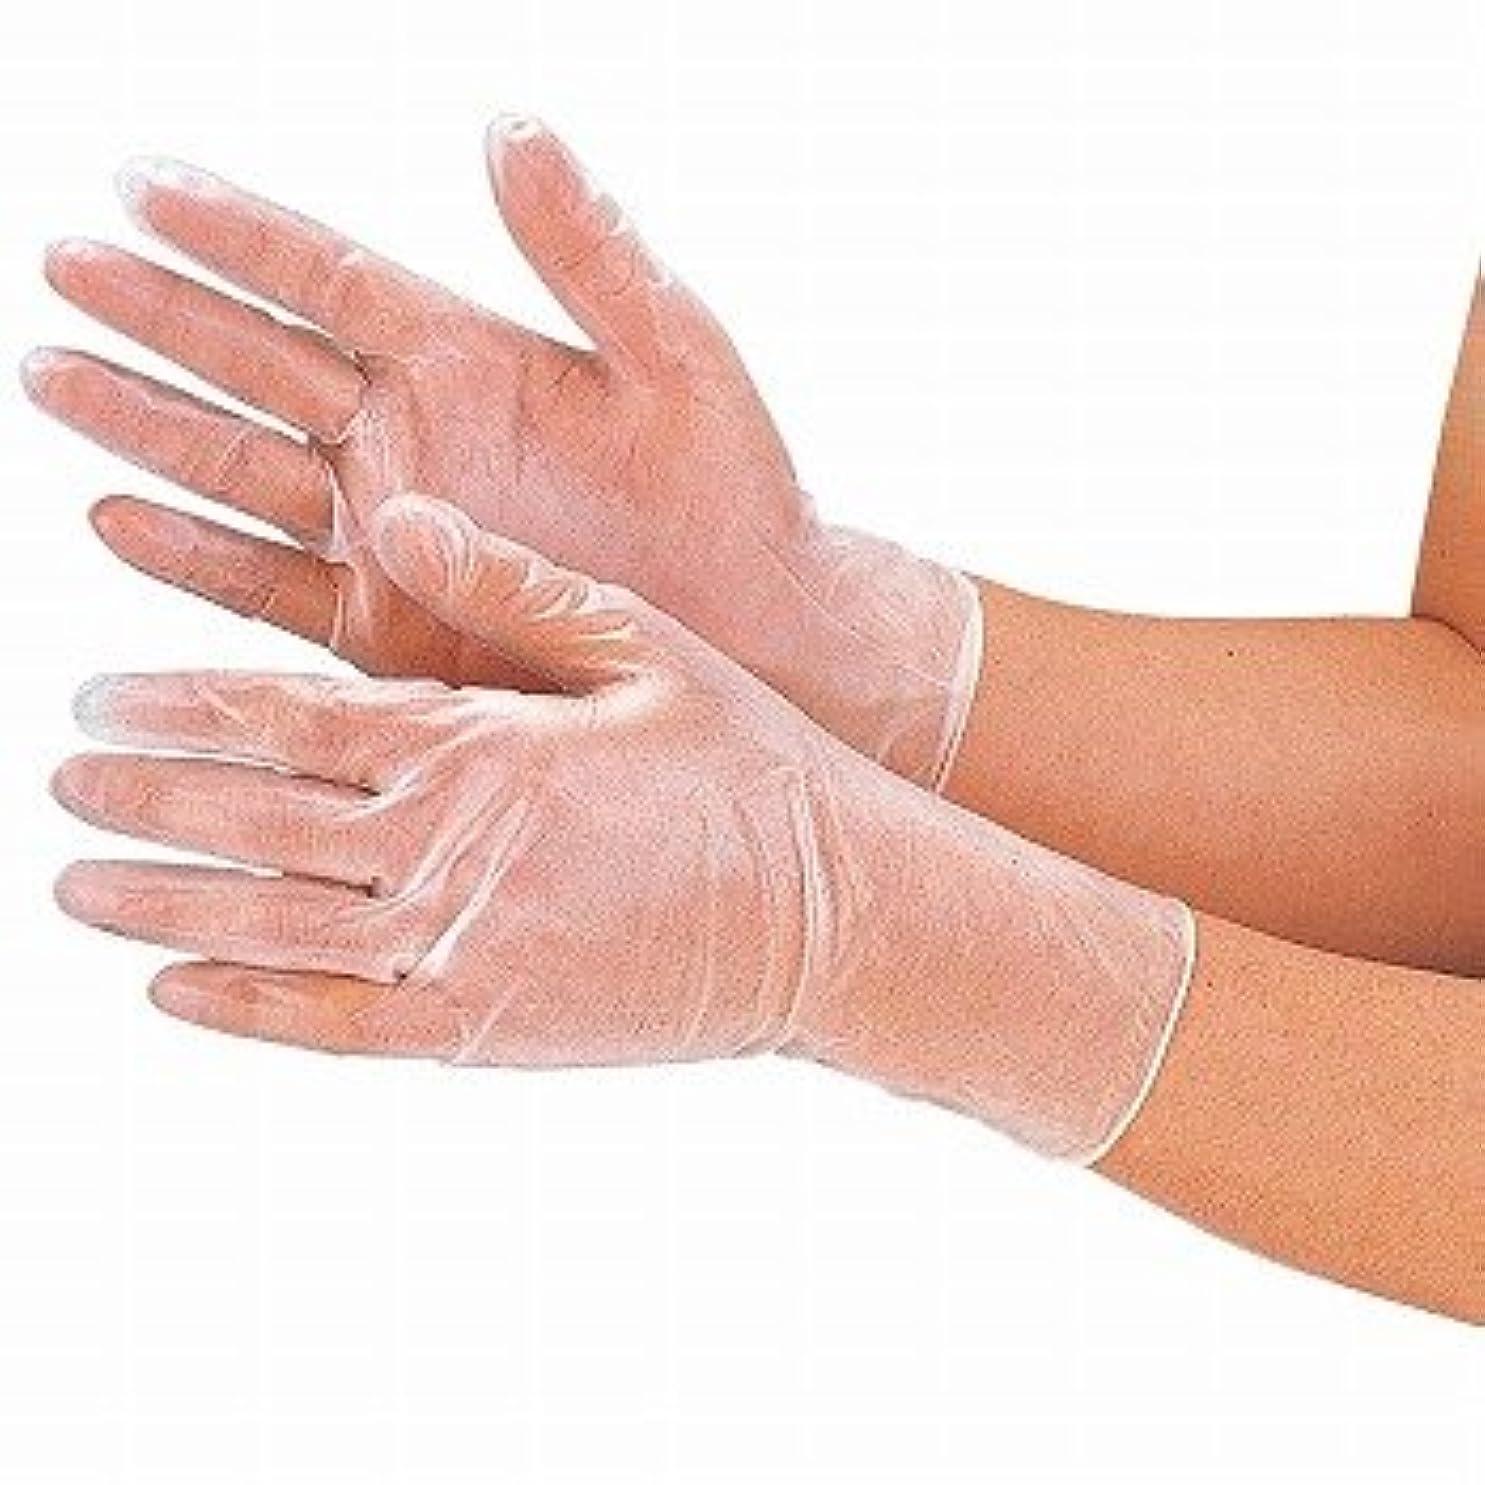 飢えたクリーム高度おたふく手袋/プラスチックディスポ手袋 100枚入×20セット[総数2000枚]/品番:255 サイズ:M